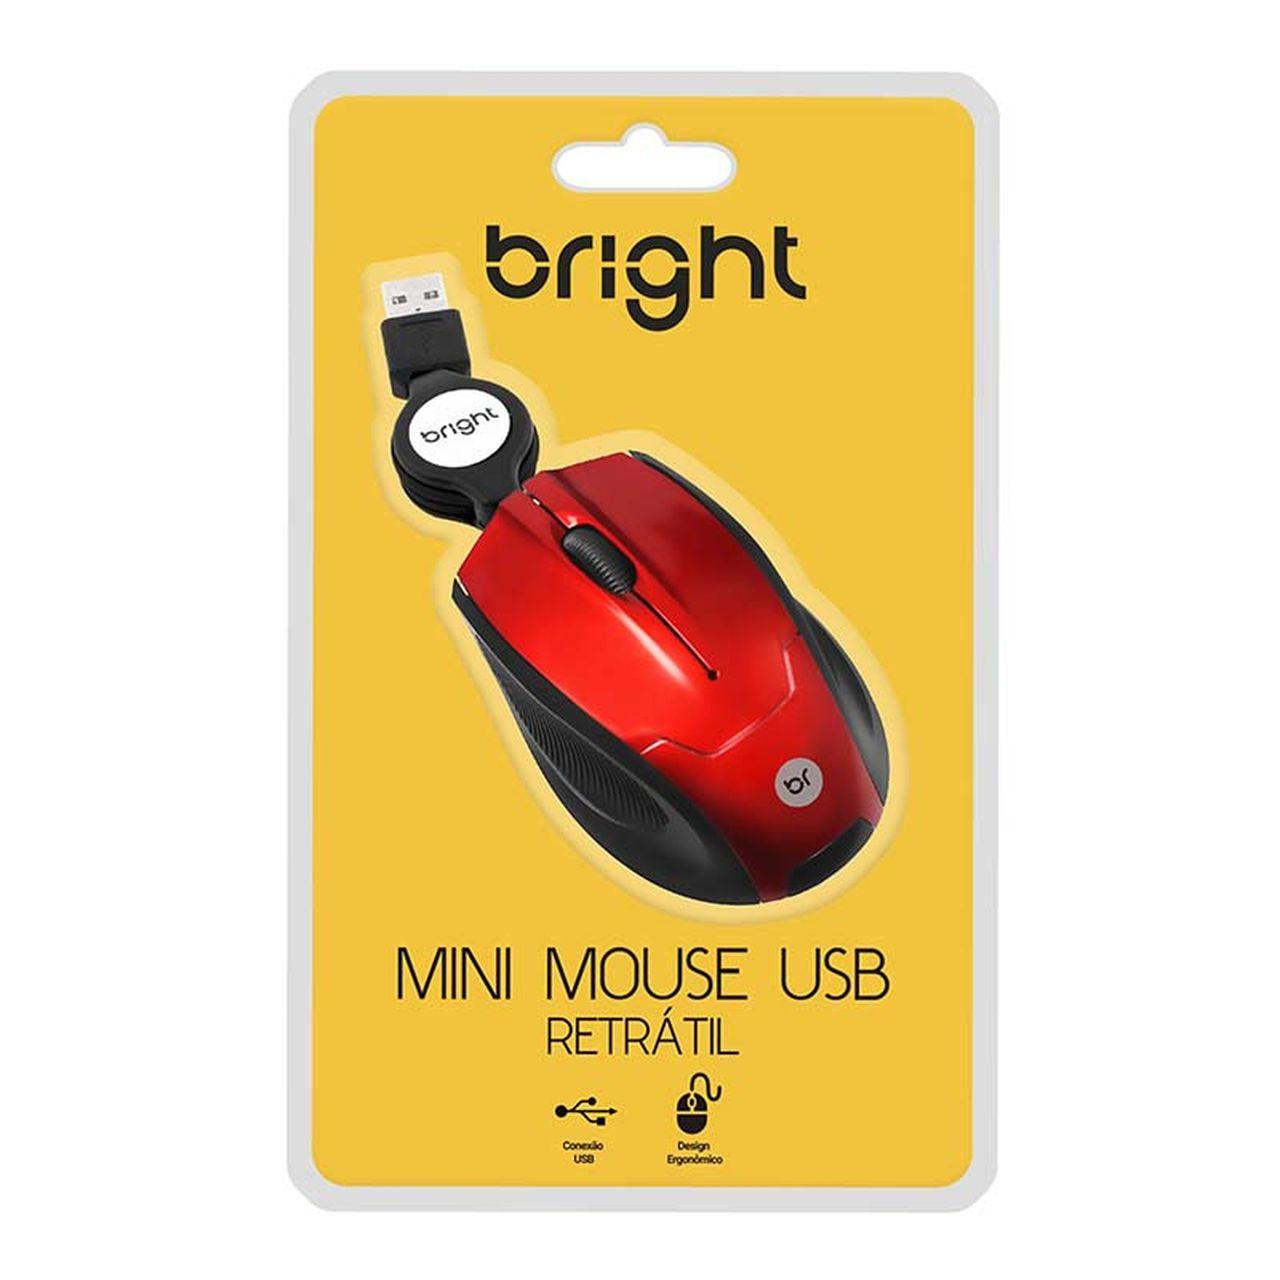 Mini Mouse Cabo Retrátil USB Vermelho 101 - Bright